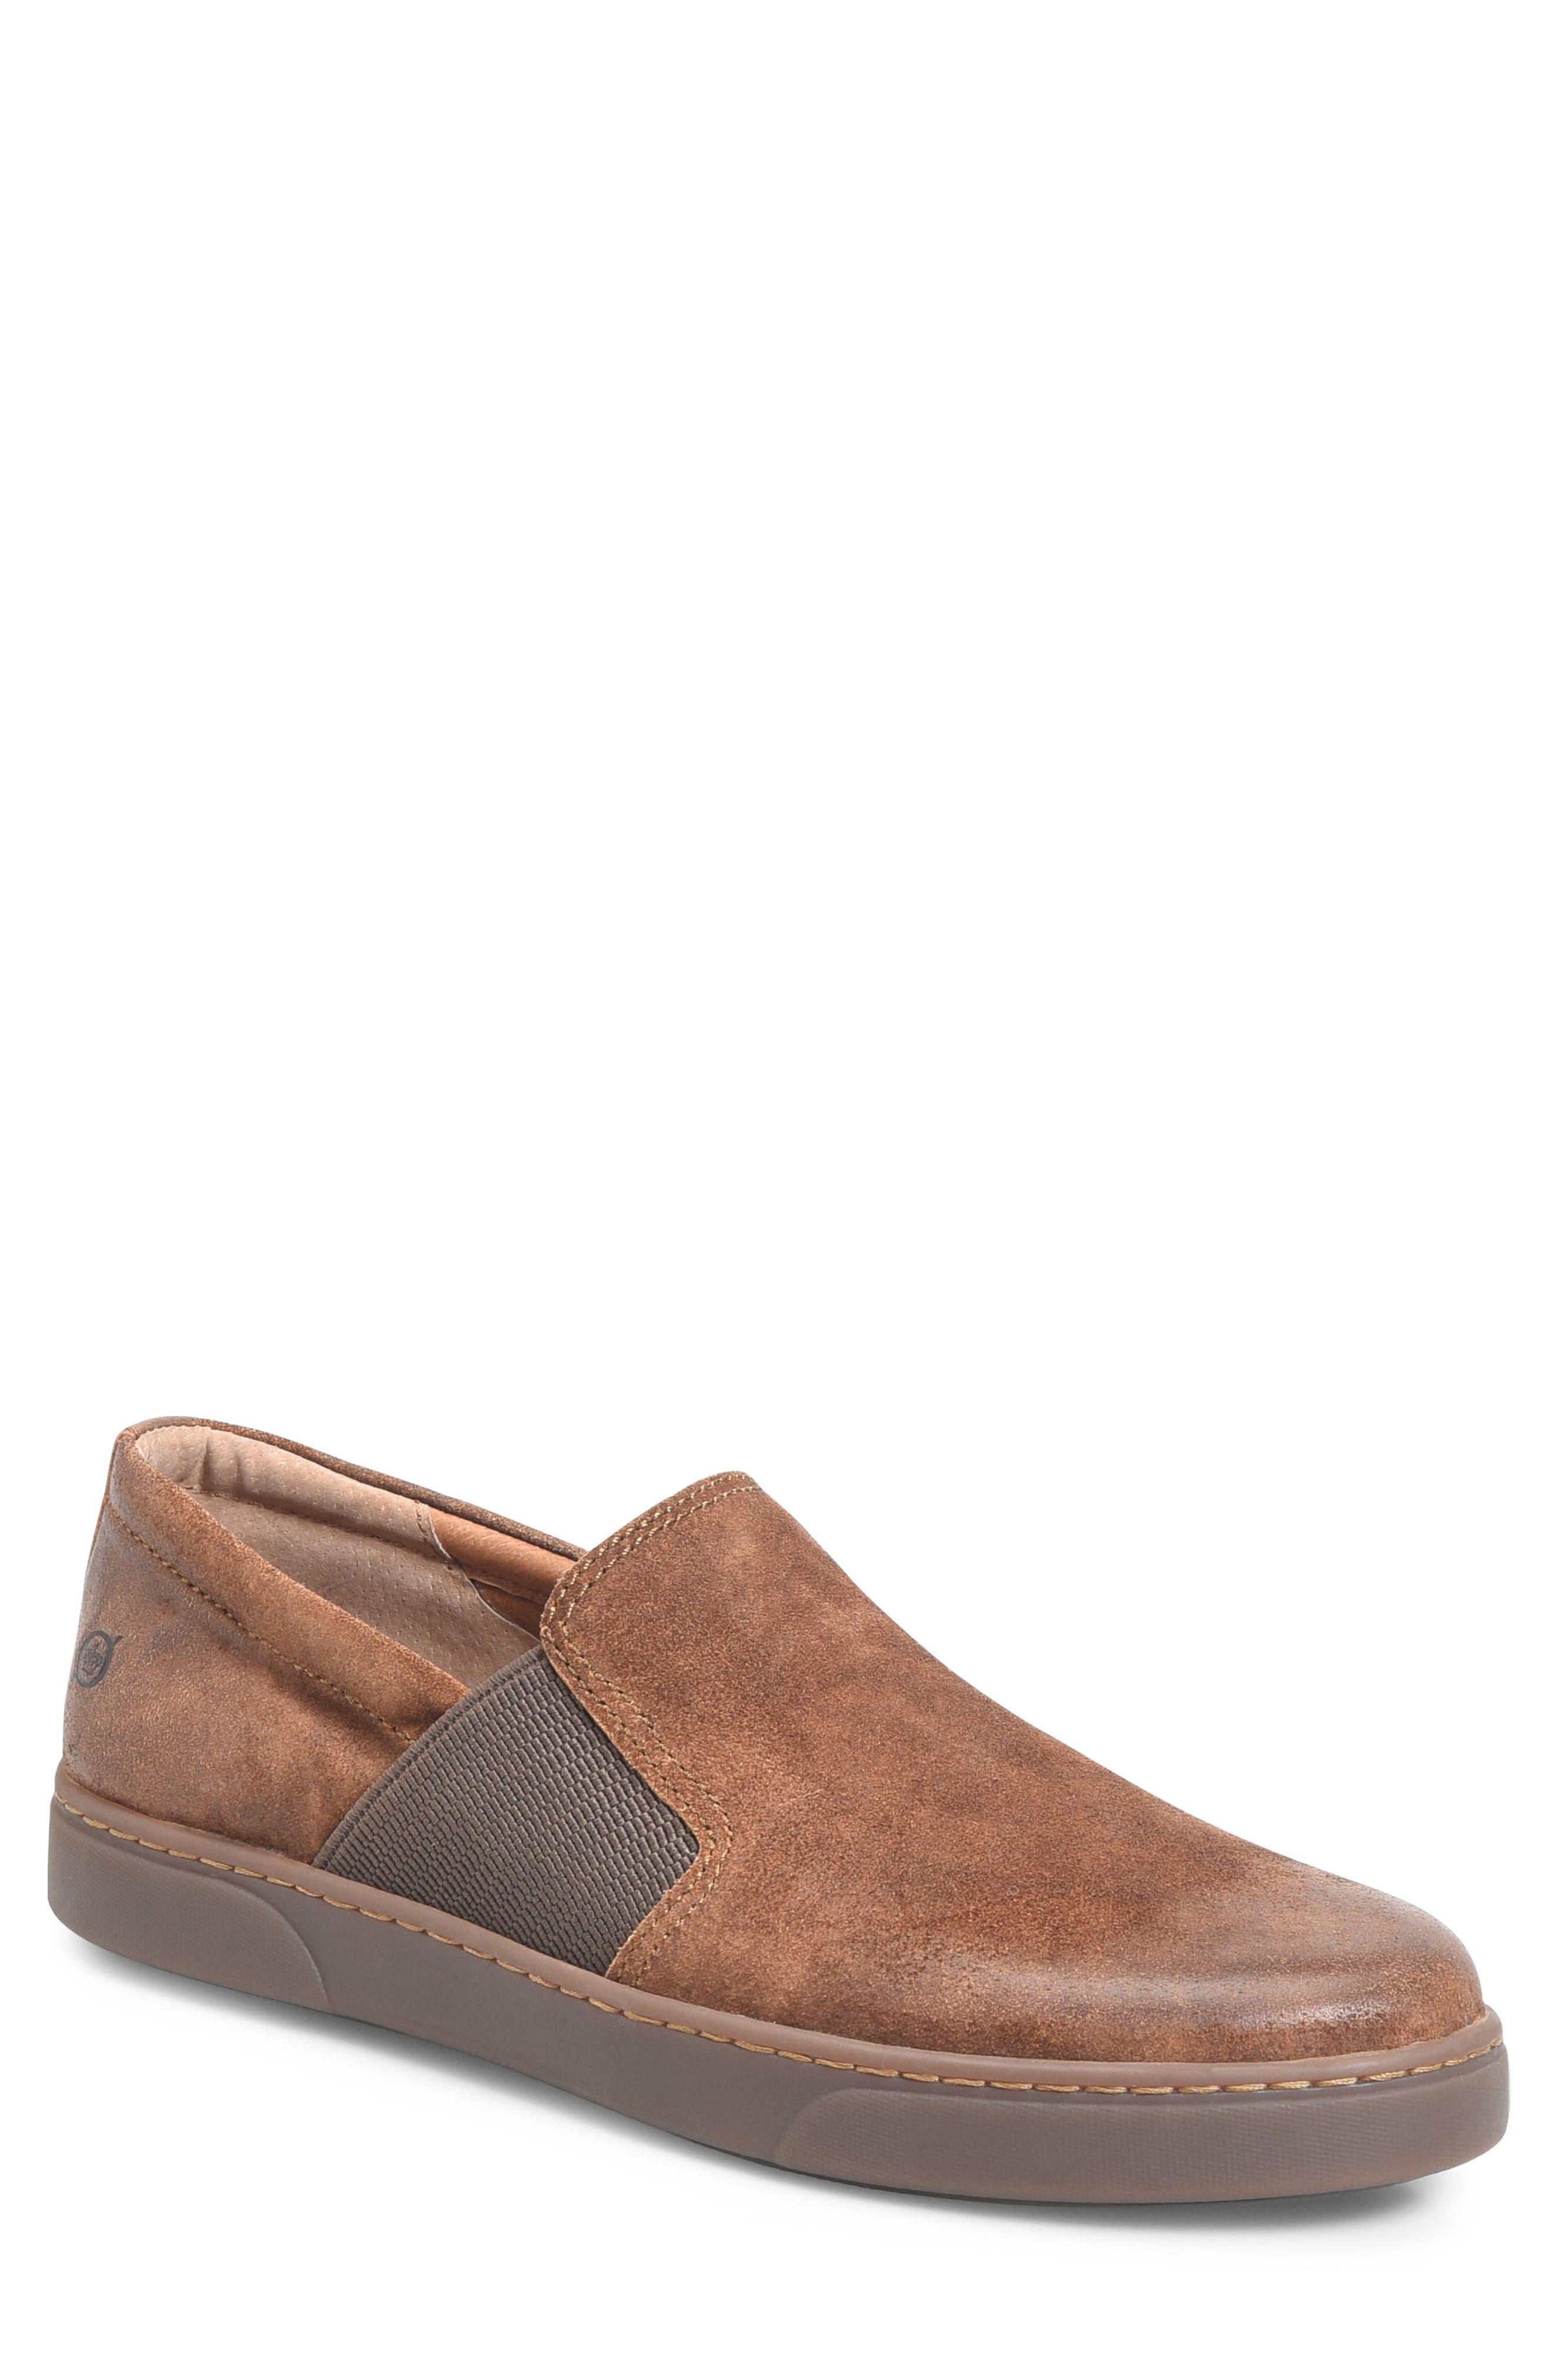 Belford Slip-On Sneaker,                             Main thumbnail 1, color,                             219